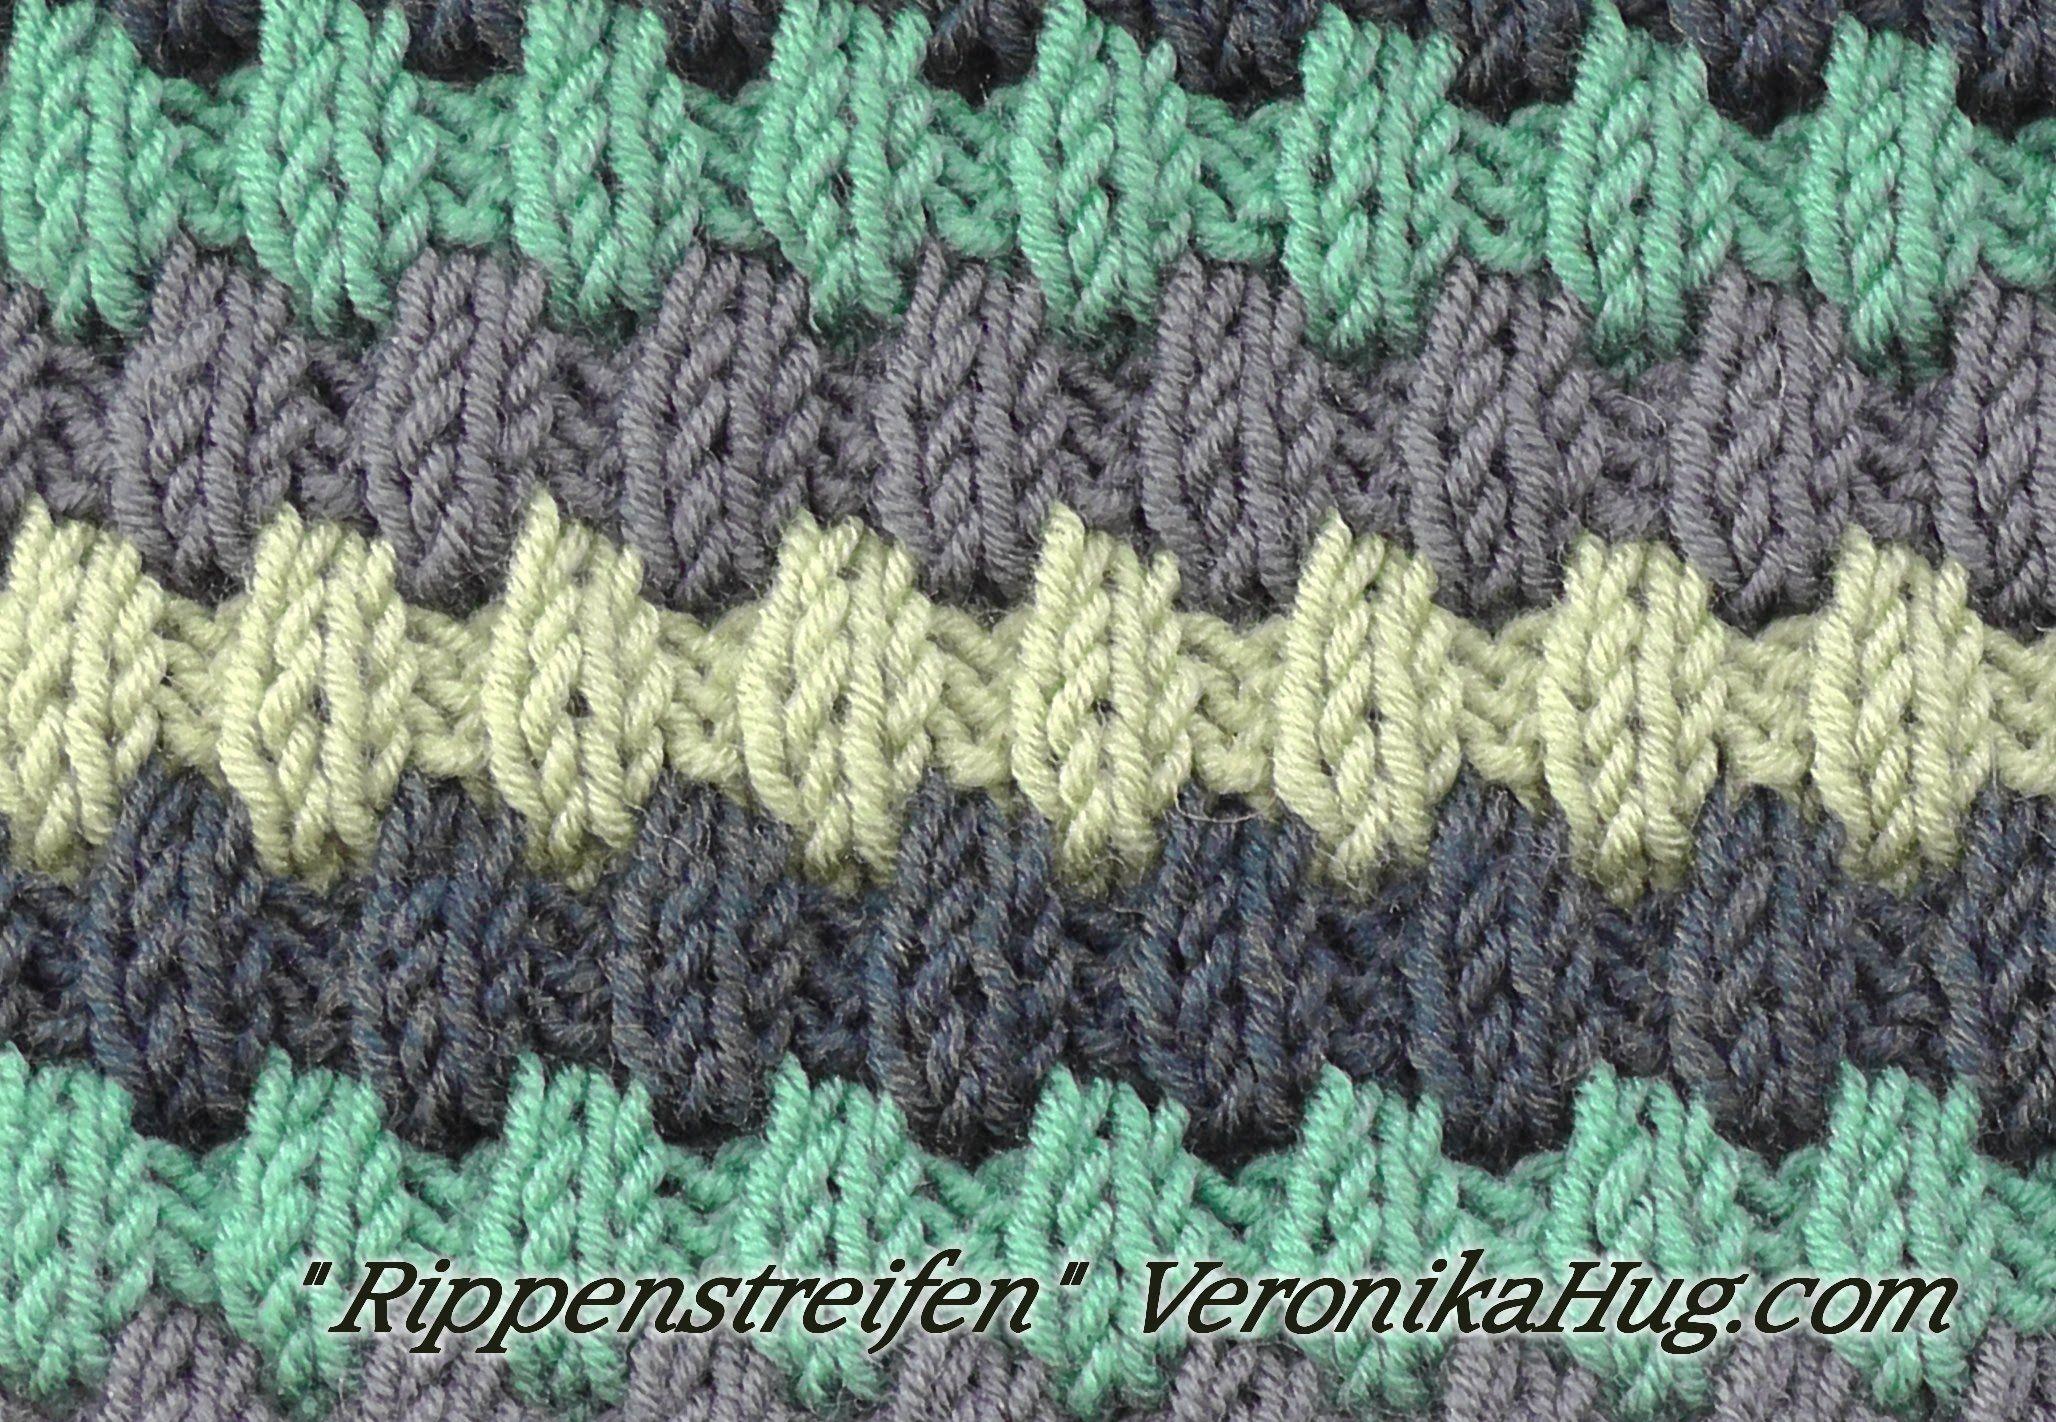 Stricken - Hebemaschenmuster - Rippenstreifen | stricken | Pinterest ...